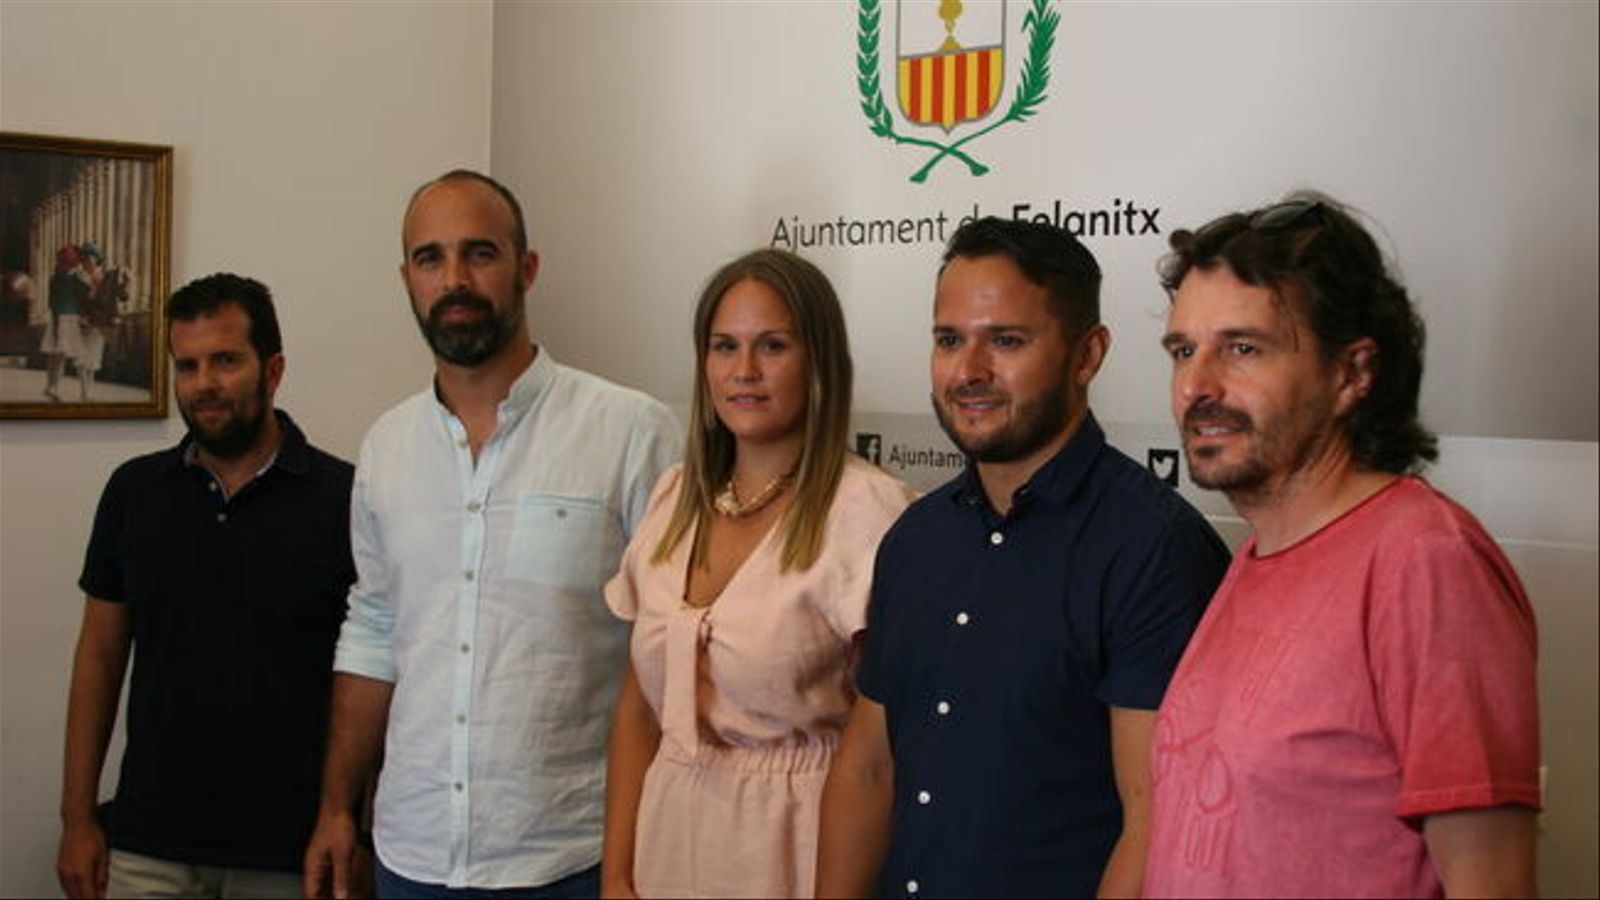 Membres de l'actual equip de govern de Felanitx./ M.BARCELÓ